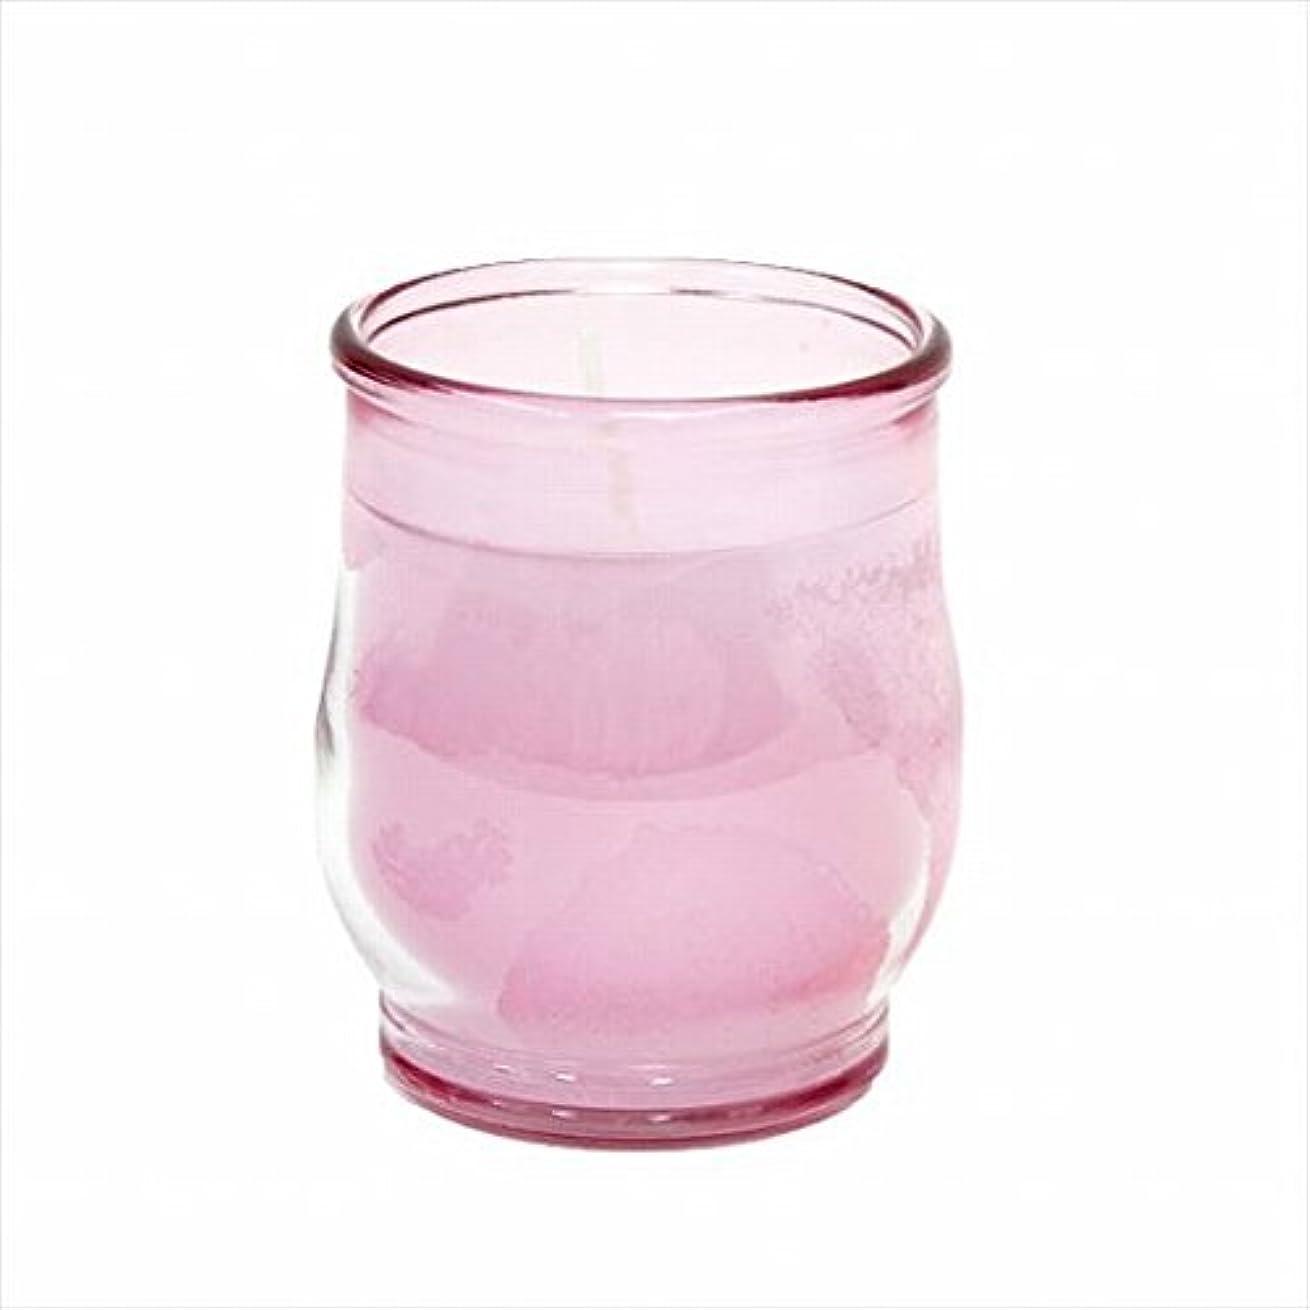 愛情深い文法ミットカメヤマキャンドル(kameyama candle) ポシェ(非常用コップローソク) 「 ピンク(ライトカラー) 」